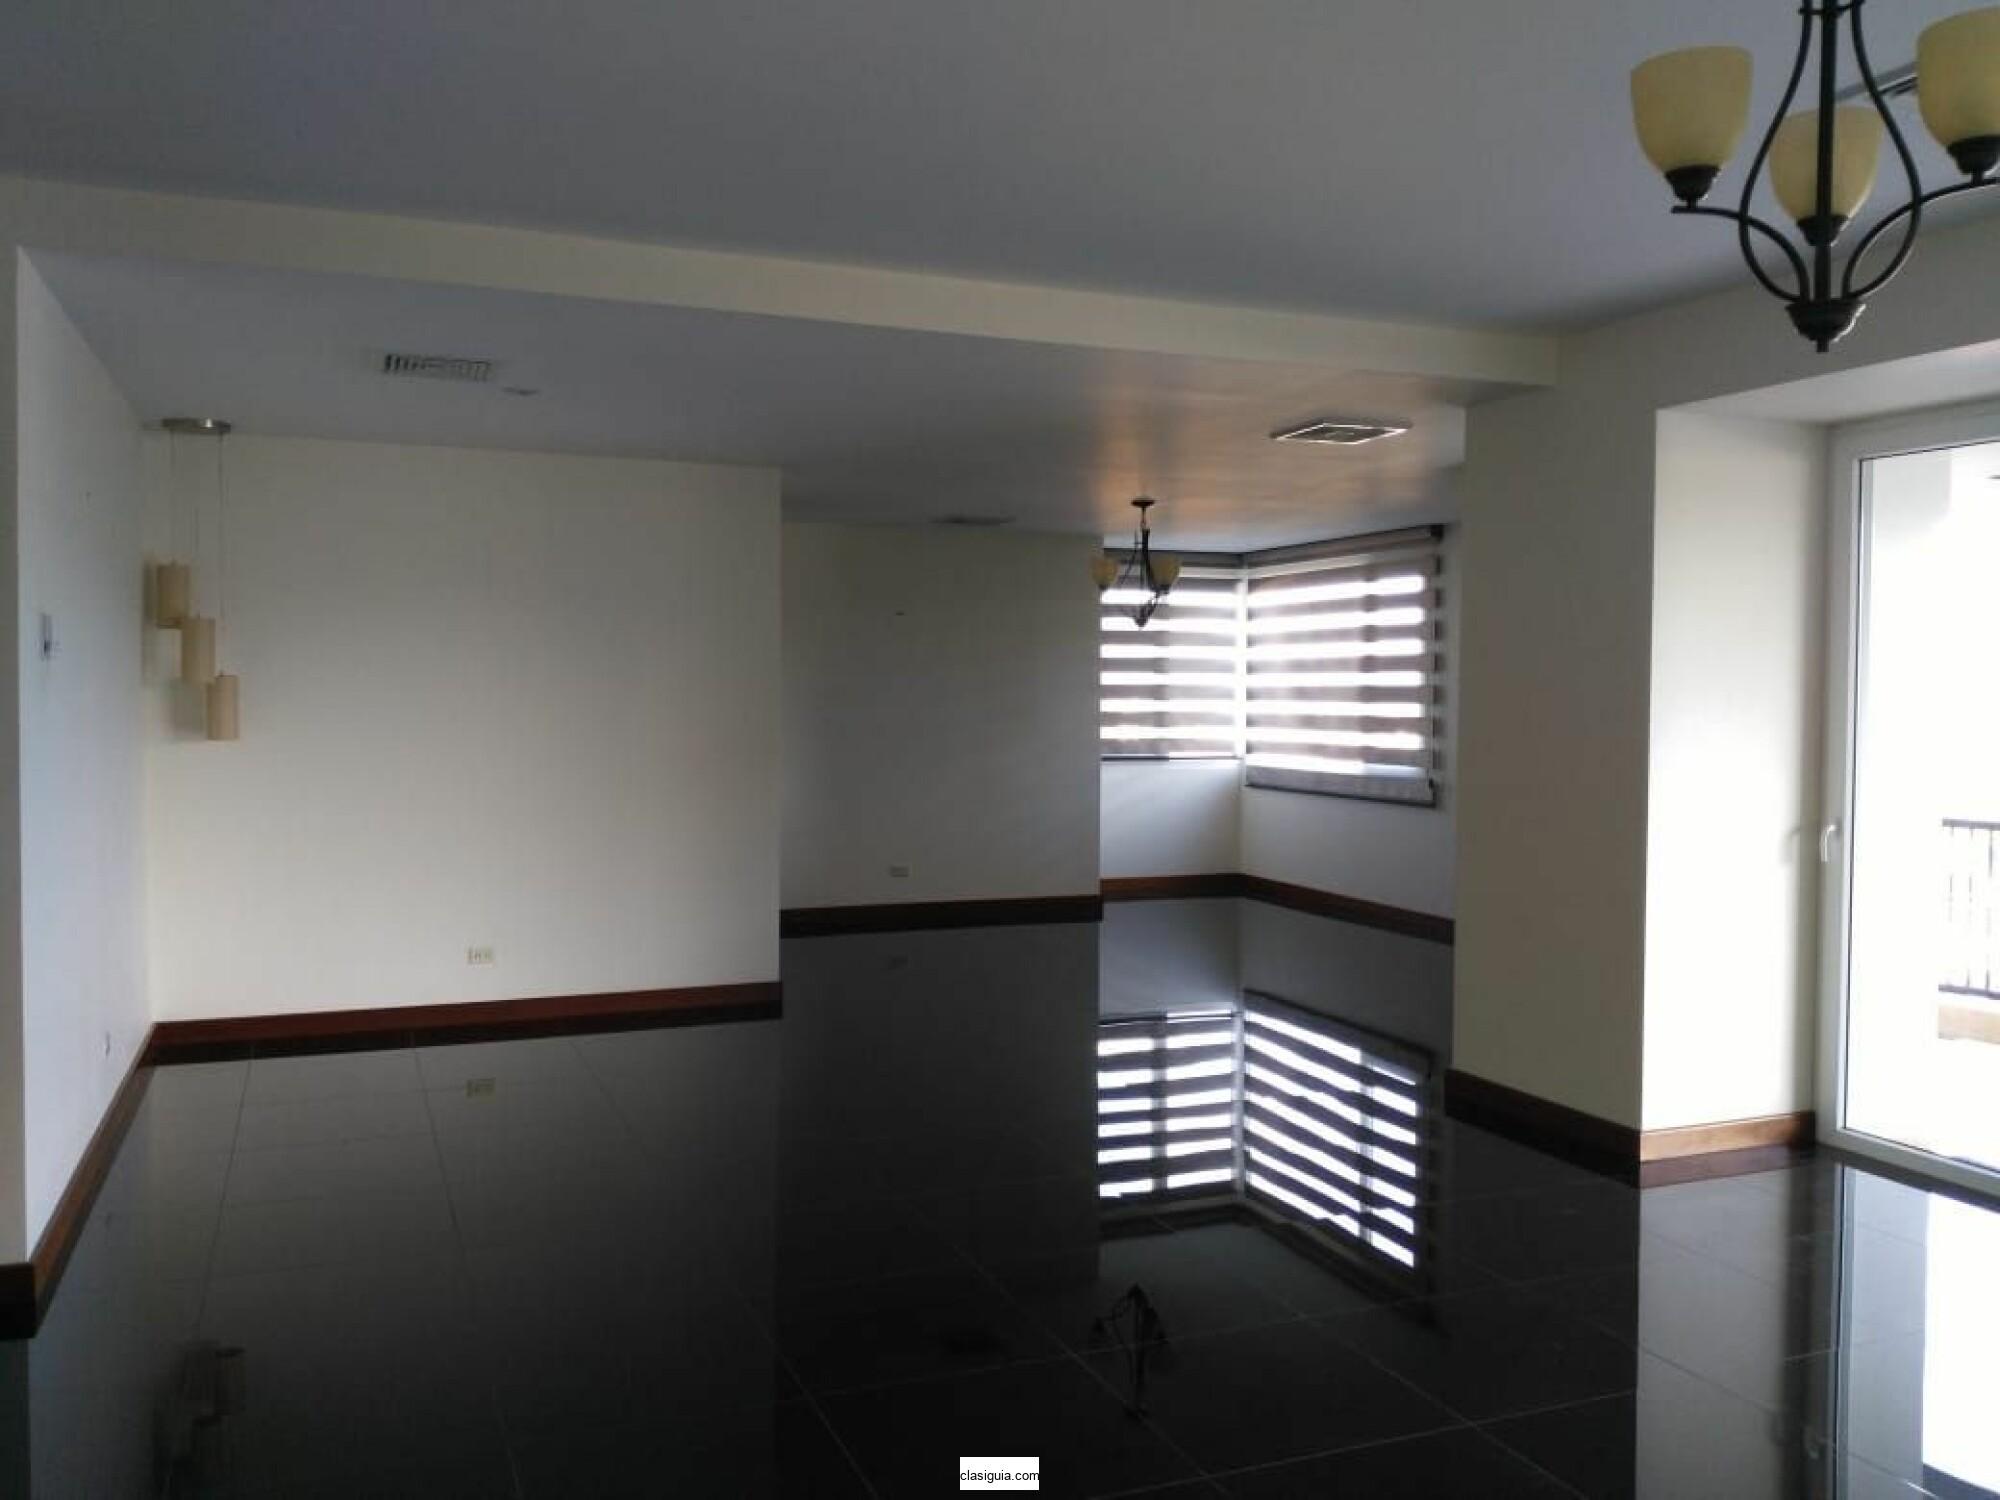 SE ALQUILA APARTAMENTO TORRE ALISIOS SAN BENITO, GRANDE. TIENE 300 mts2, terraza, 3 habitaciones